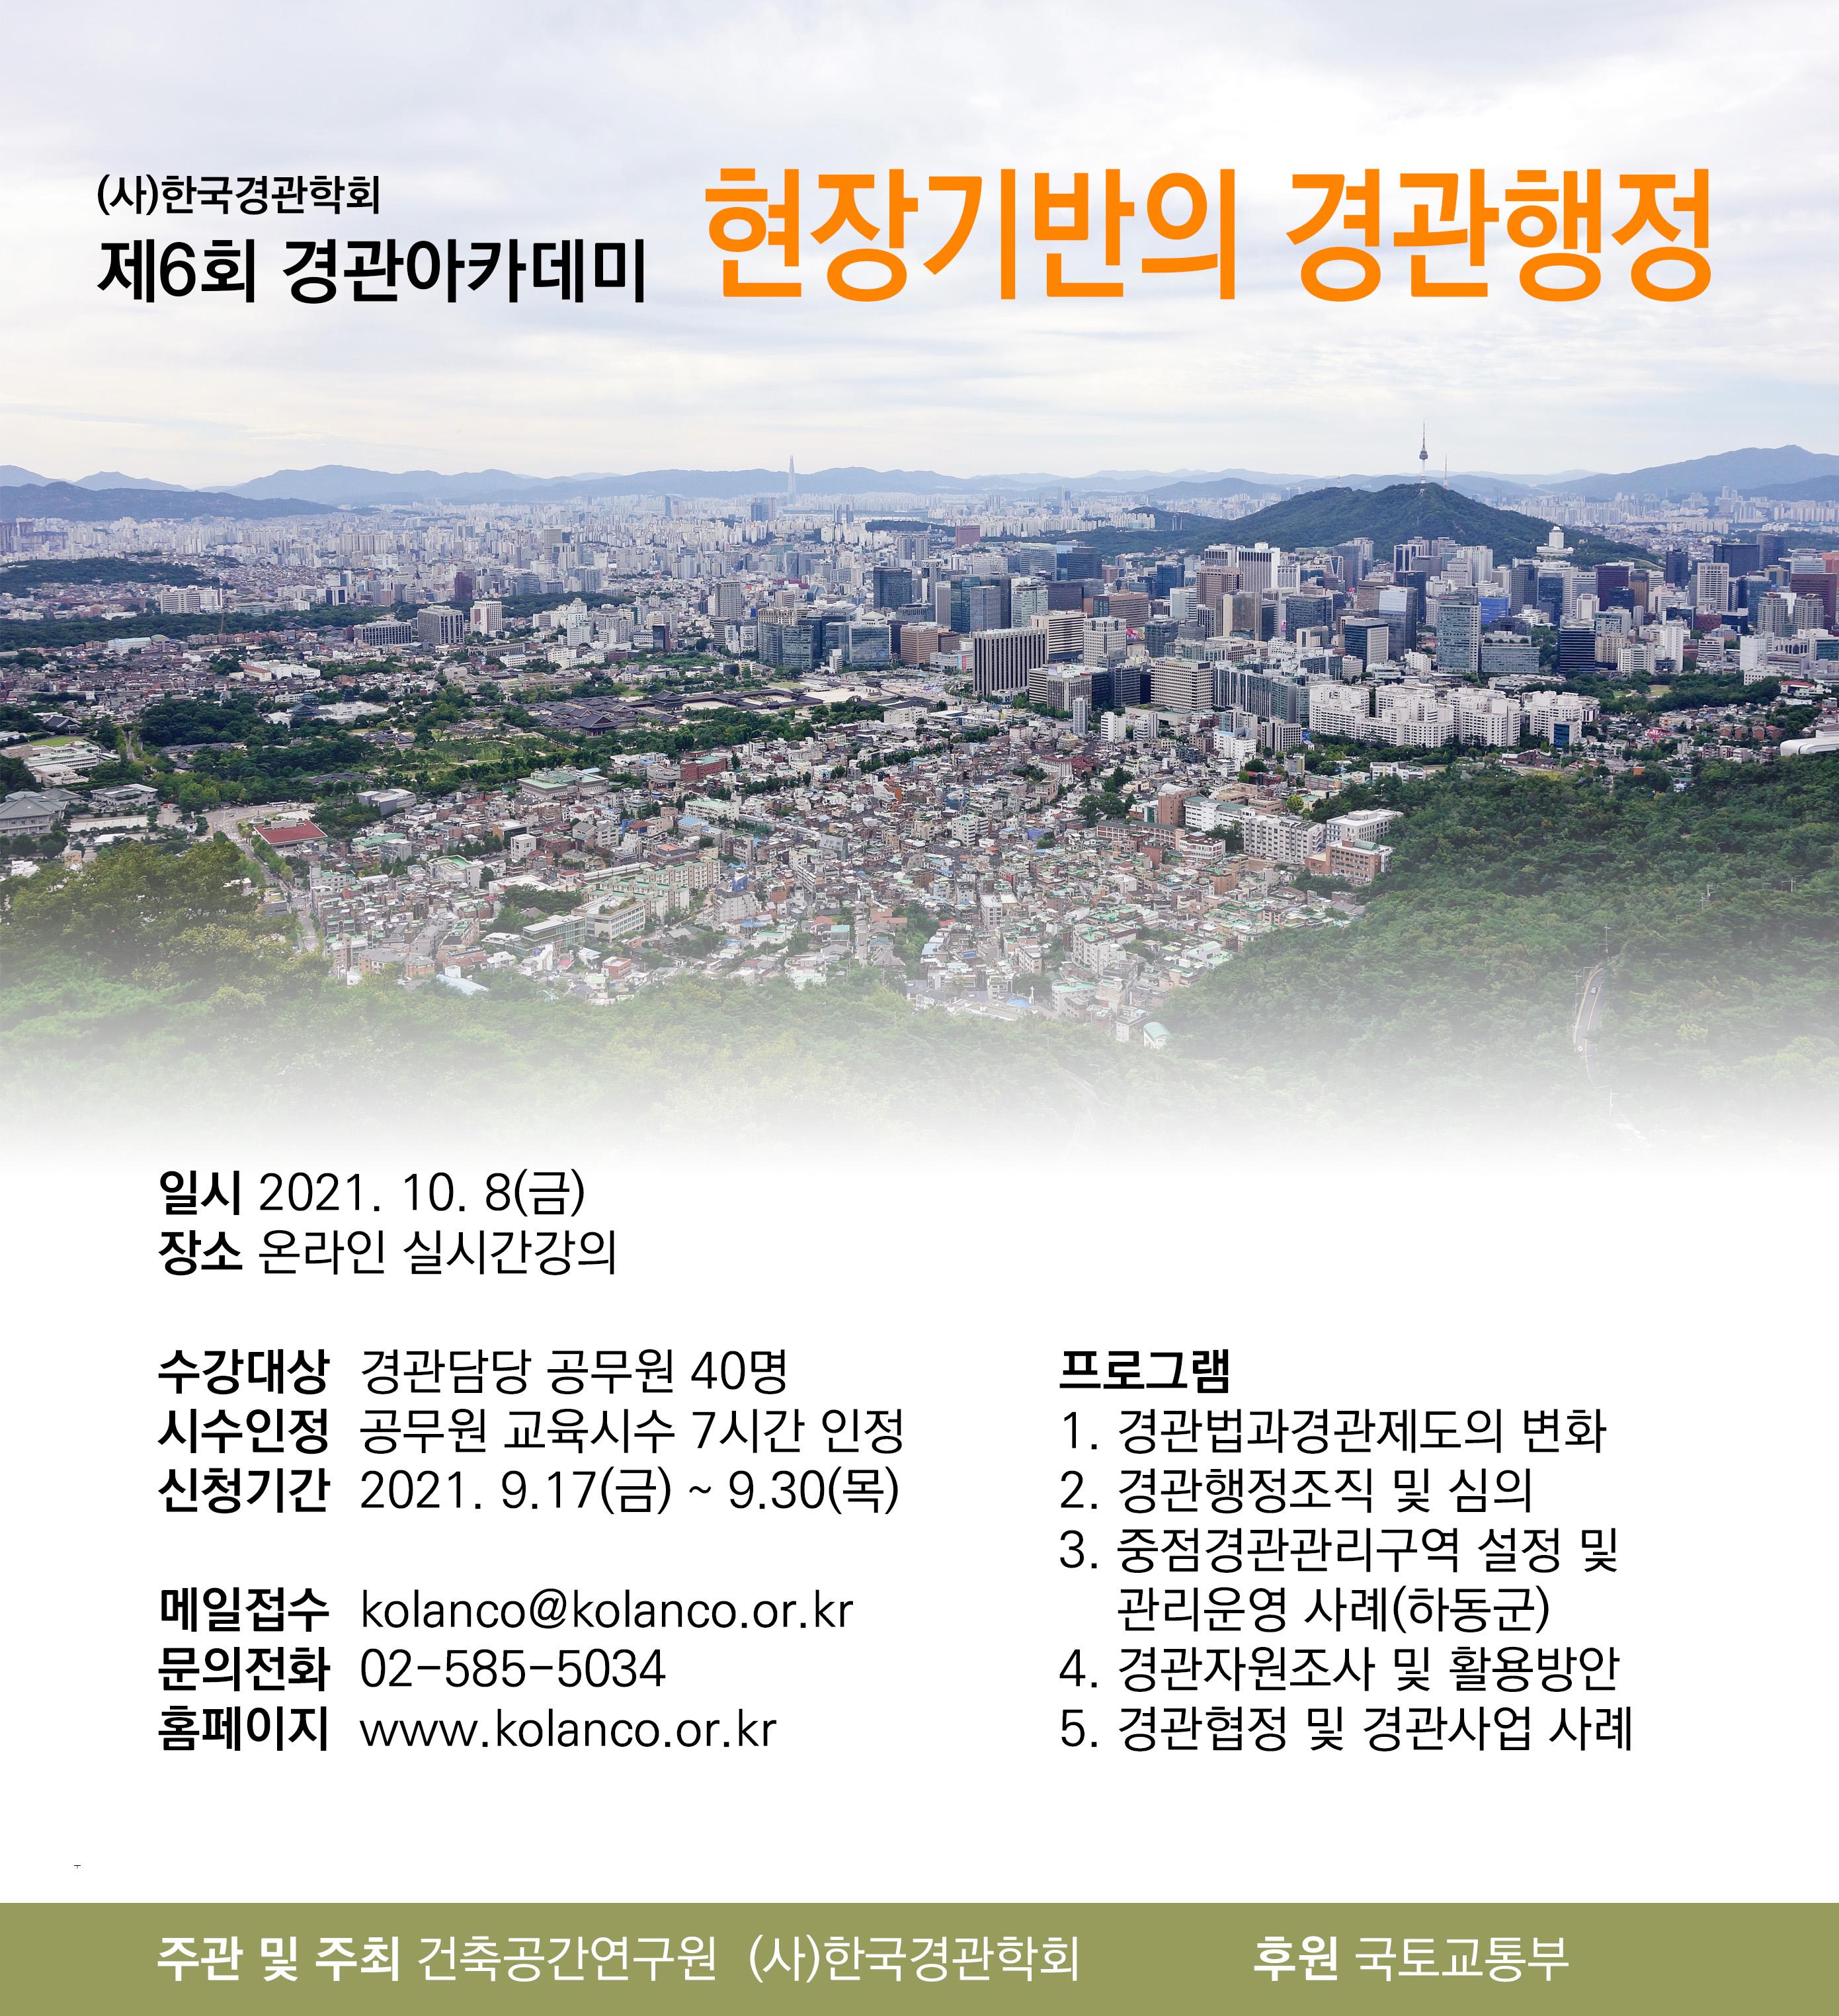 210917_제6회 경관아카데미 포스터_최종.jpg